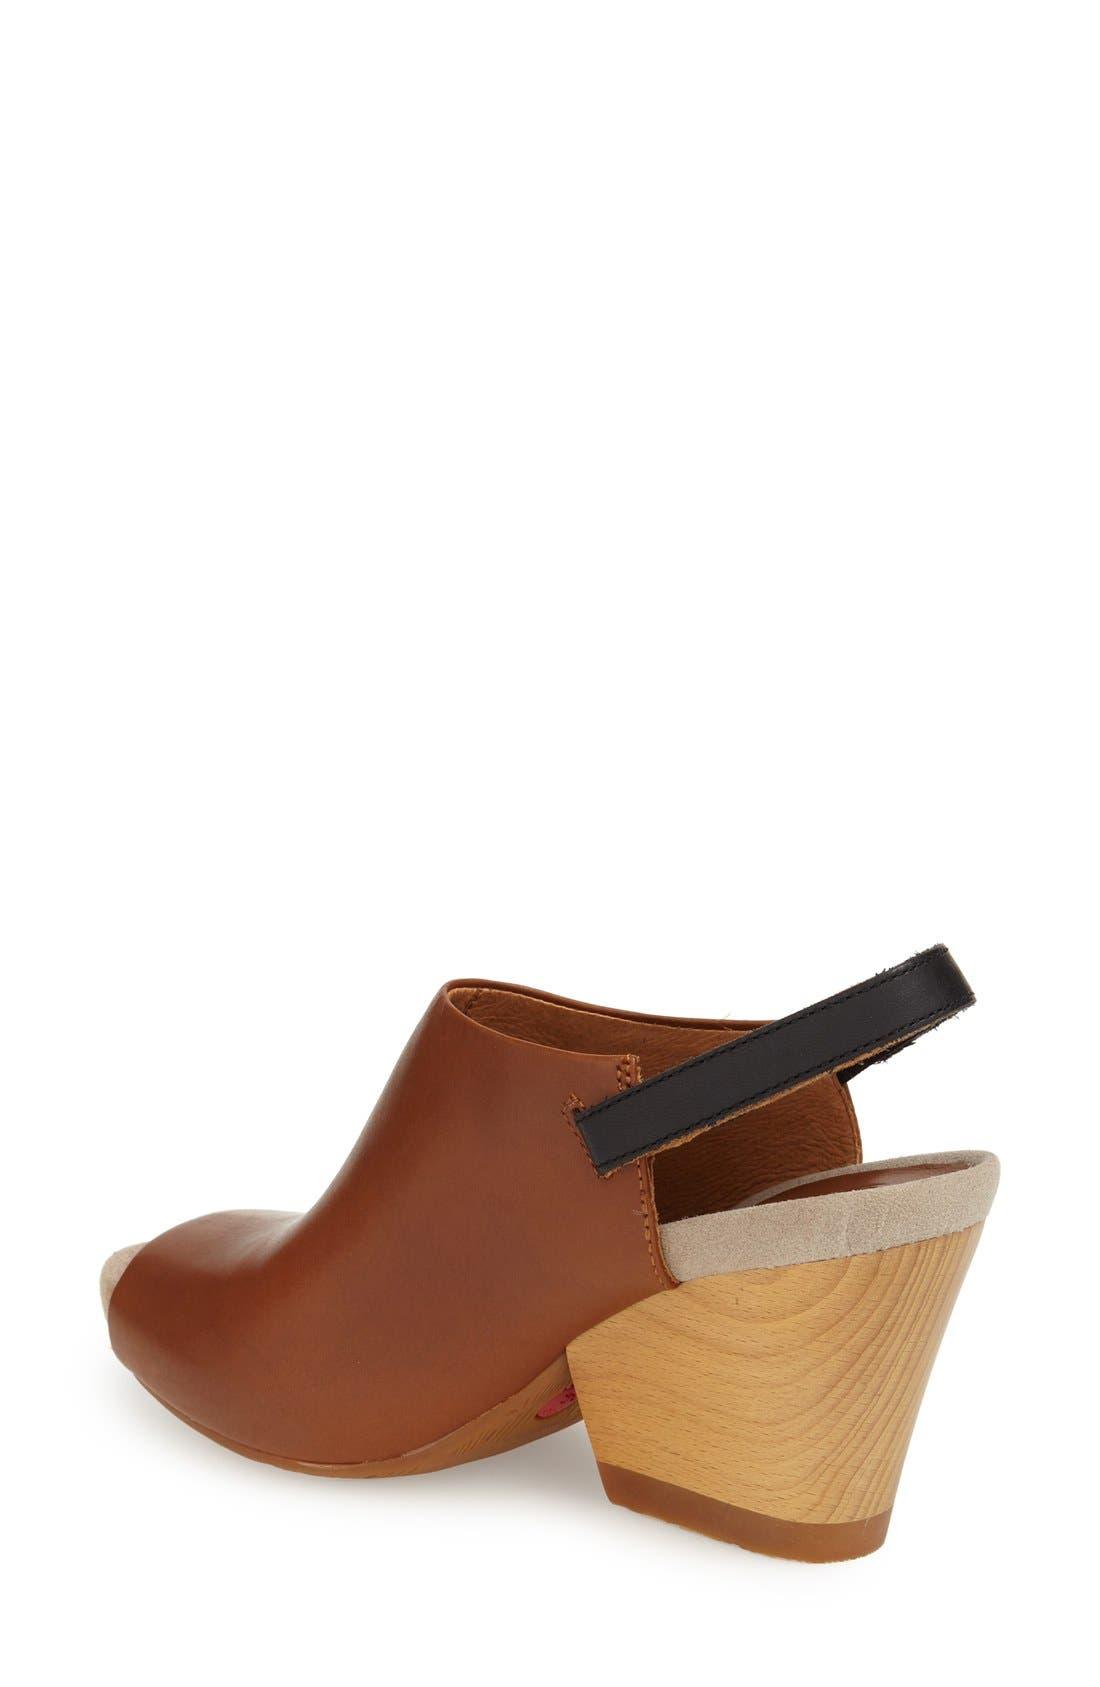 Alternate Image 2  - Camper 'Allegra' Sandal